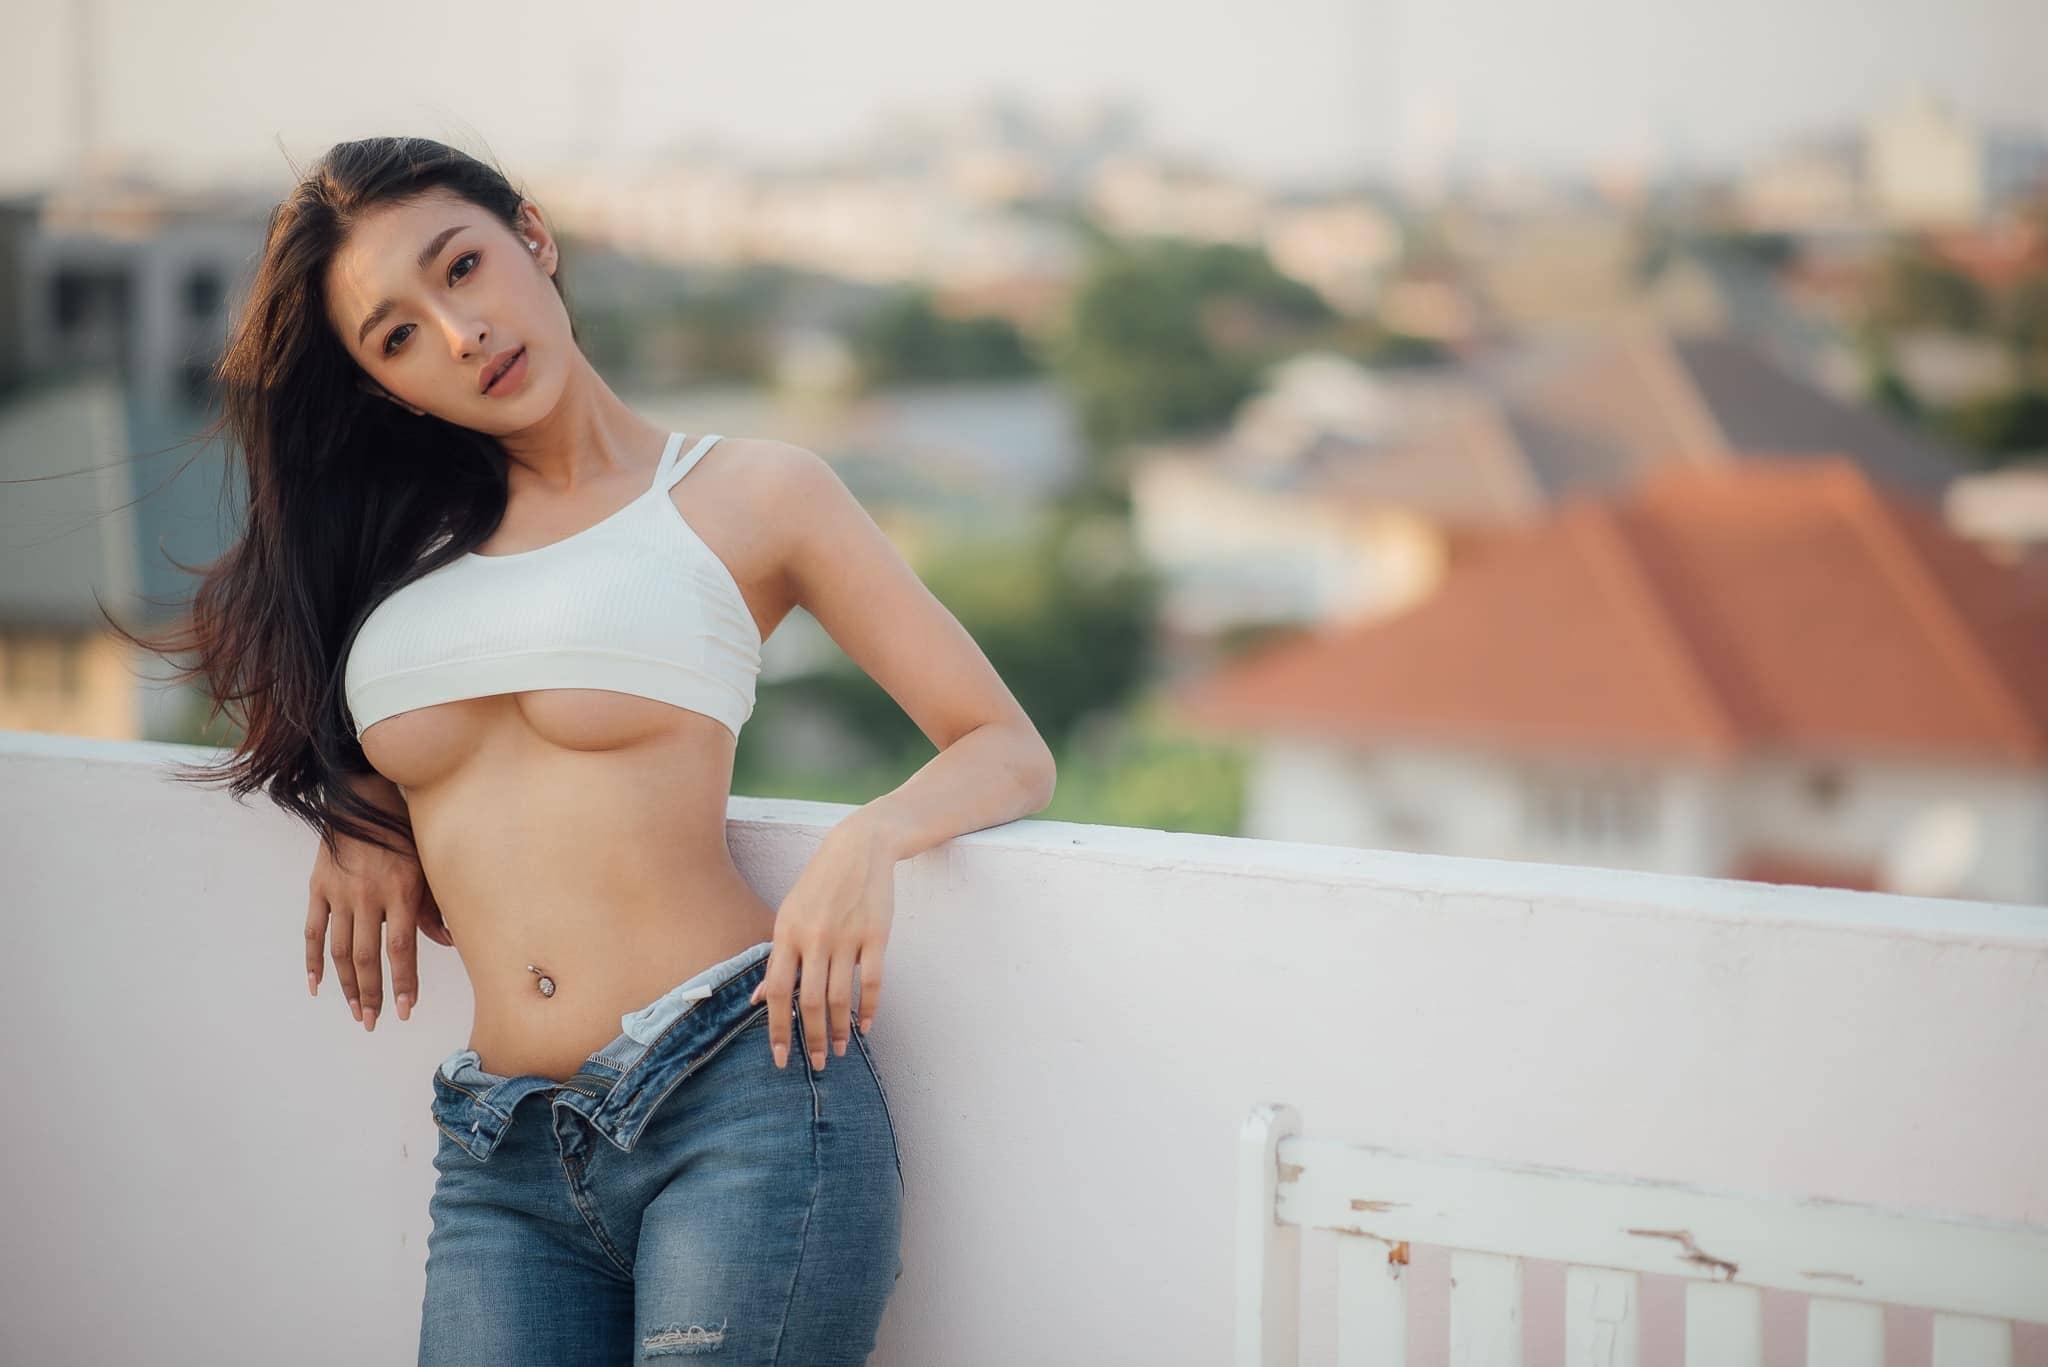 Maming Kongsawas Profile and Social Contacts | PimpBangkok.com